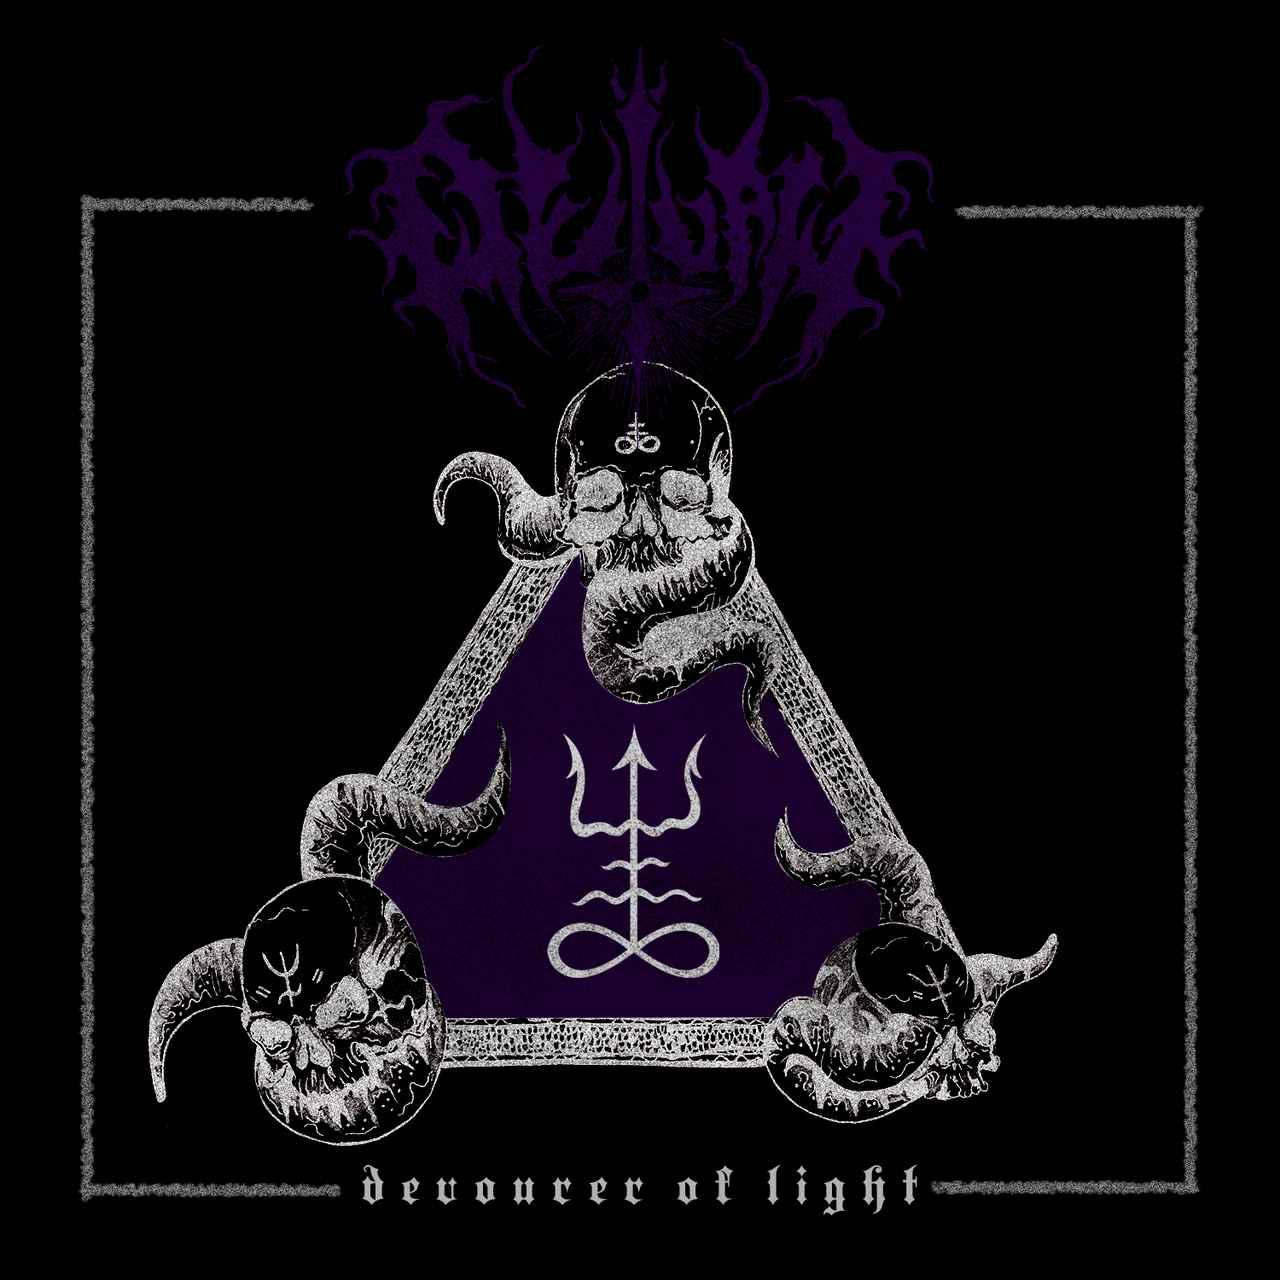 Outlaw - Devourer of Light